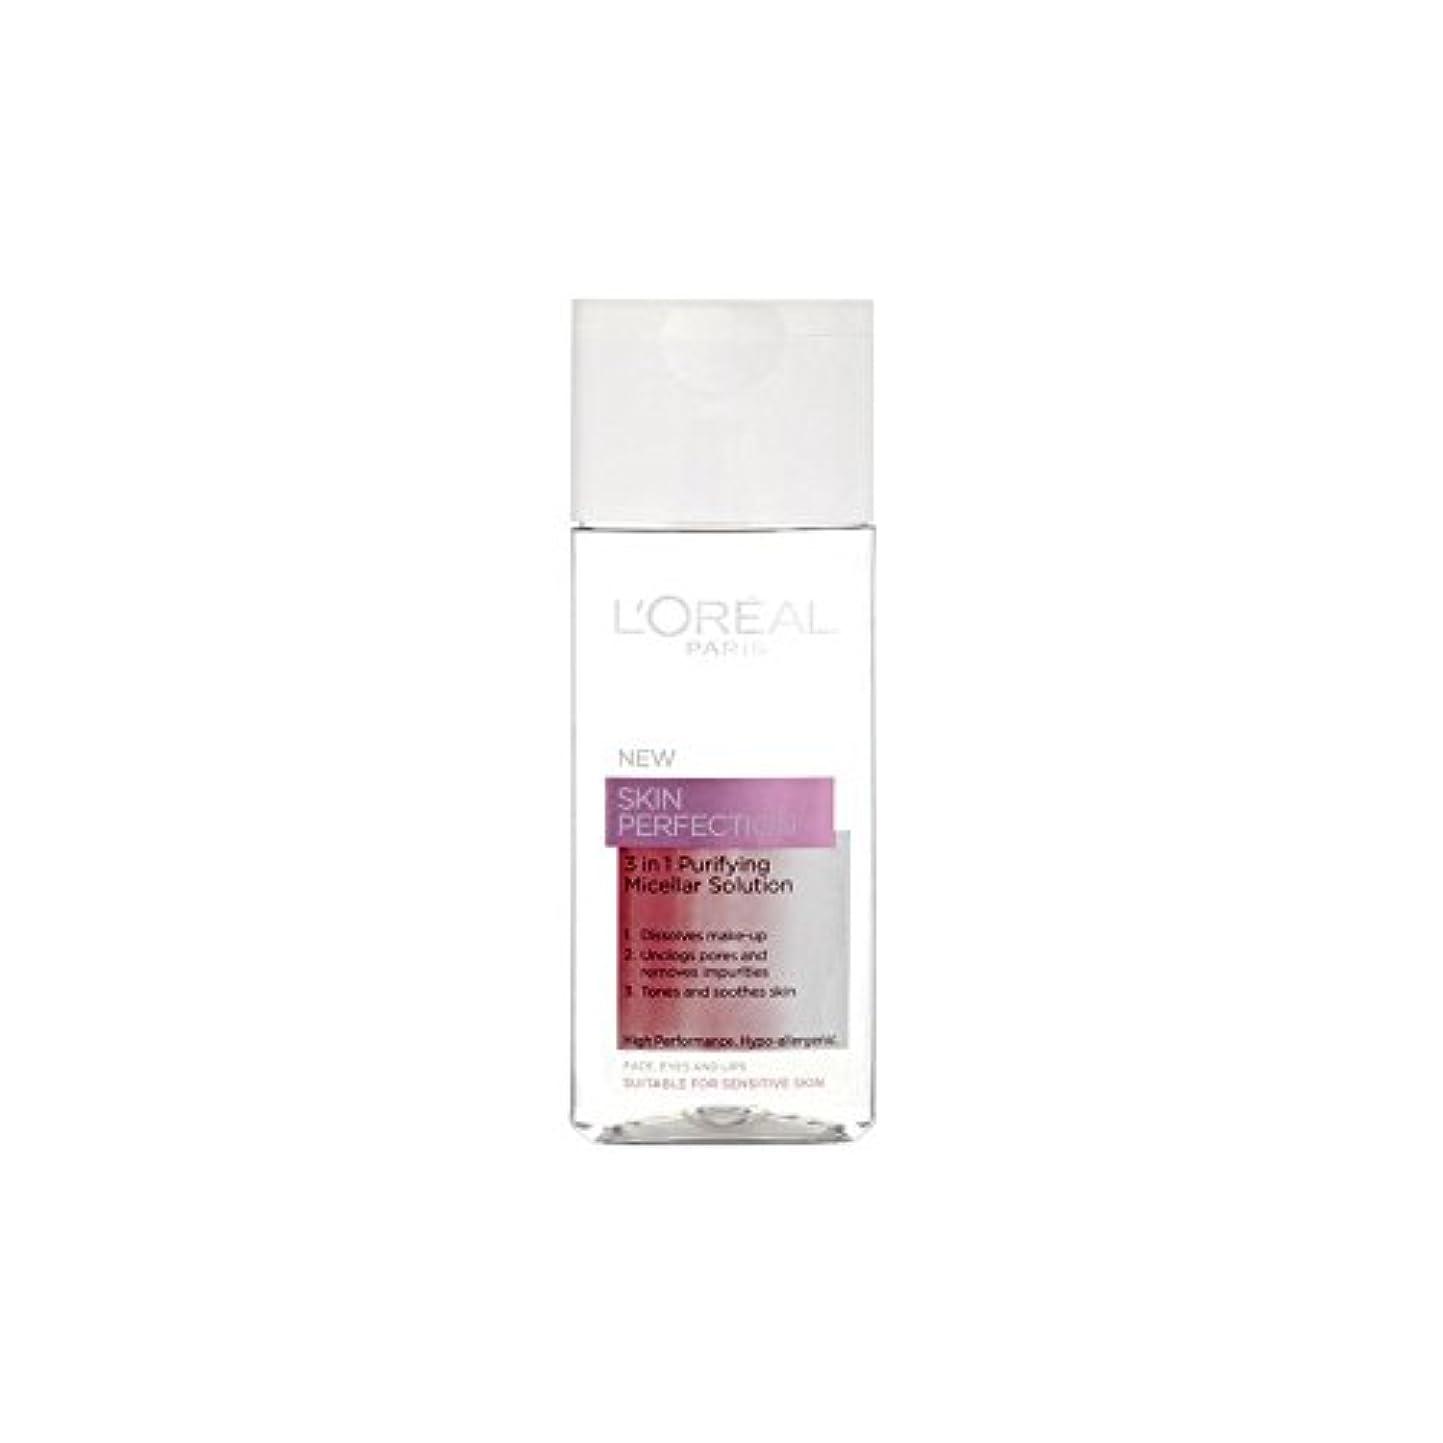 の量放射する疑いL'Oreal Paris Dermo Expertise Skin Perfection 3 In 1 Purifying Micellar Solution (200ml) (Pack of 6) - 1つの精製ミセル...